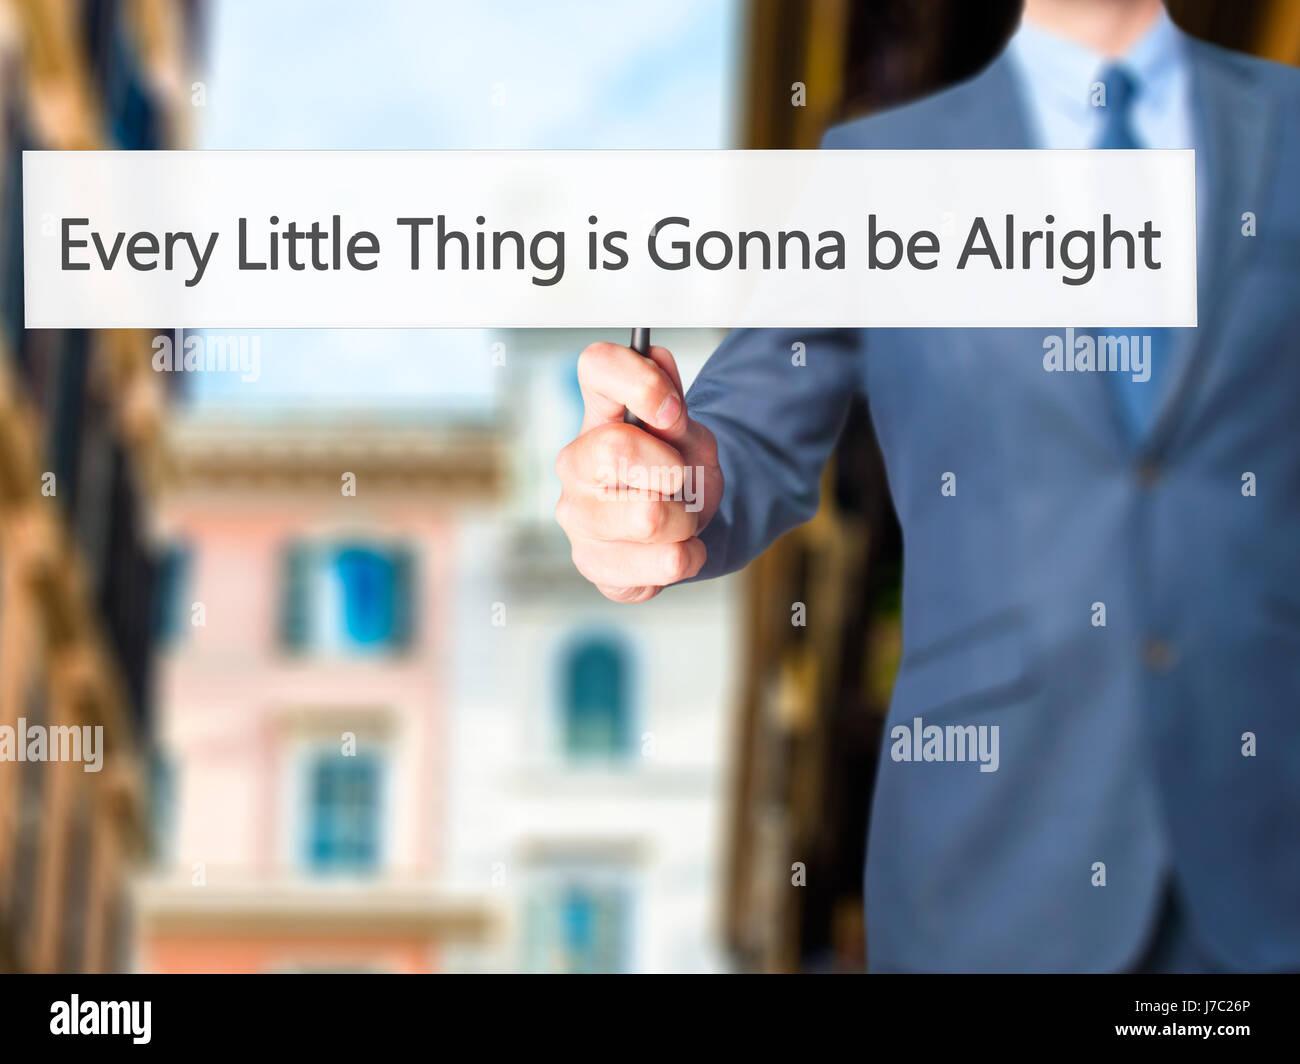 Ogni piccola cosa sta andando essere Alright - Imprenditore mano azienda segno. Business, tecnologia internet concetto. Immagini Stock